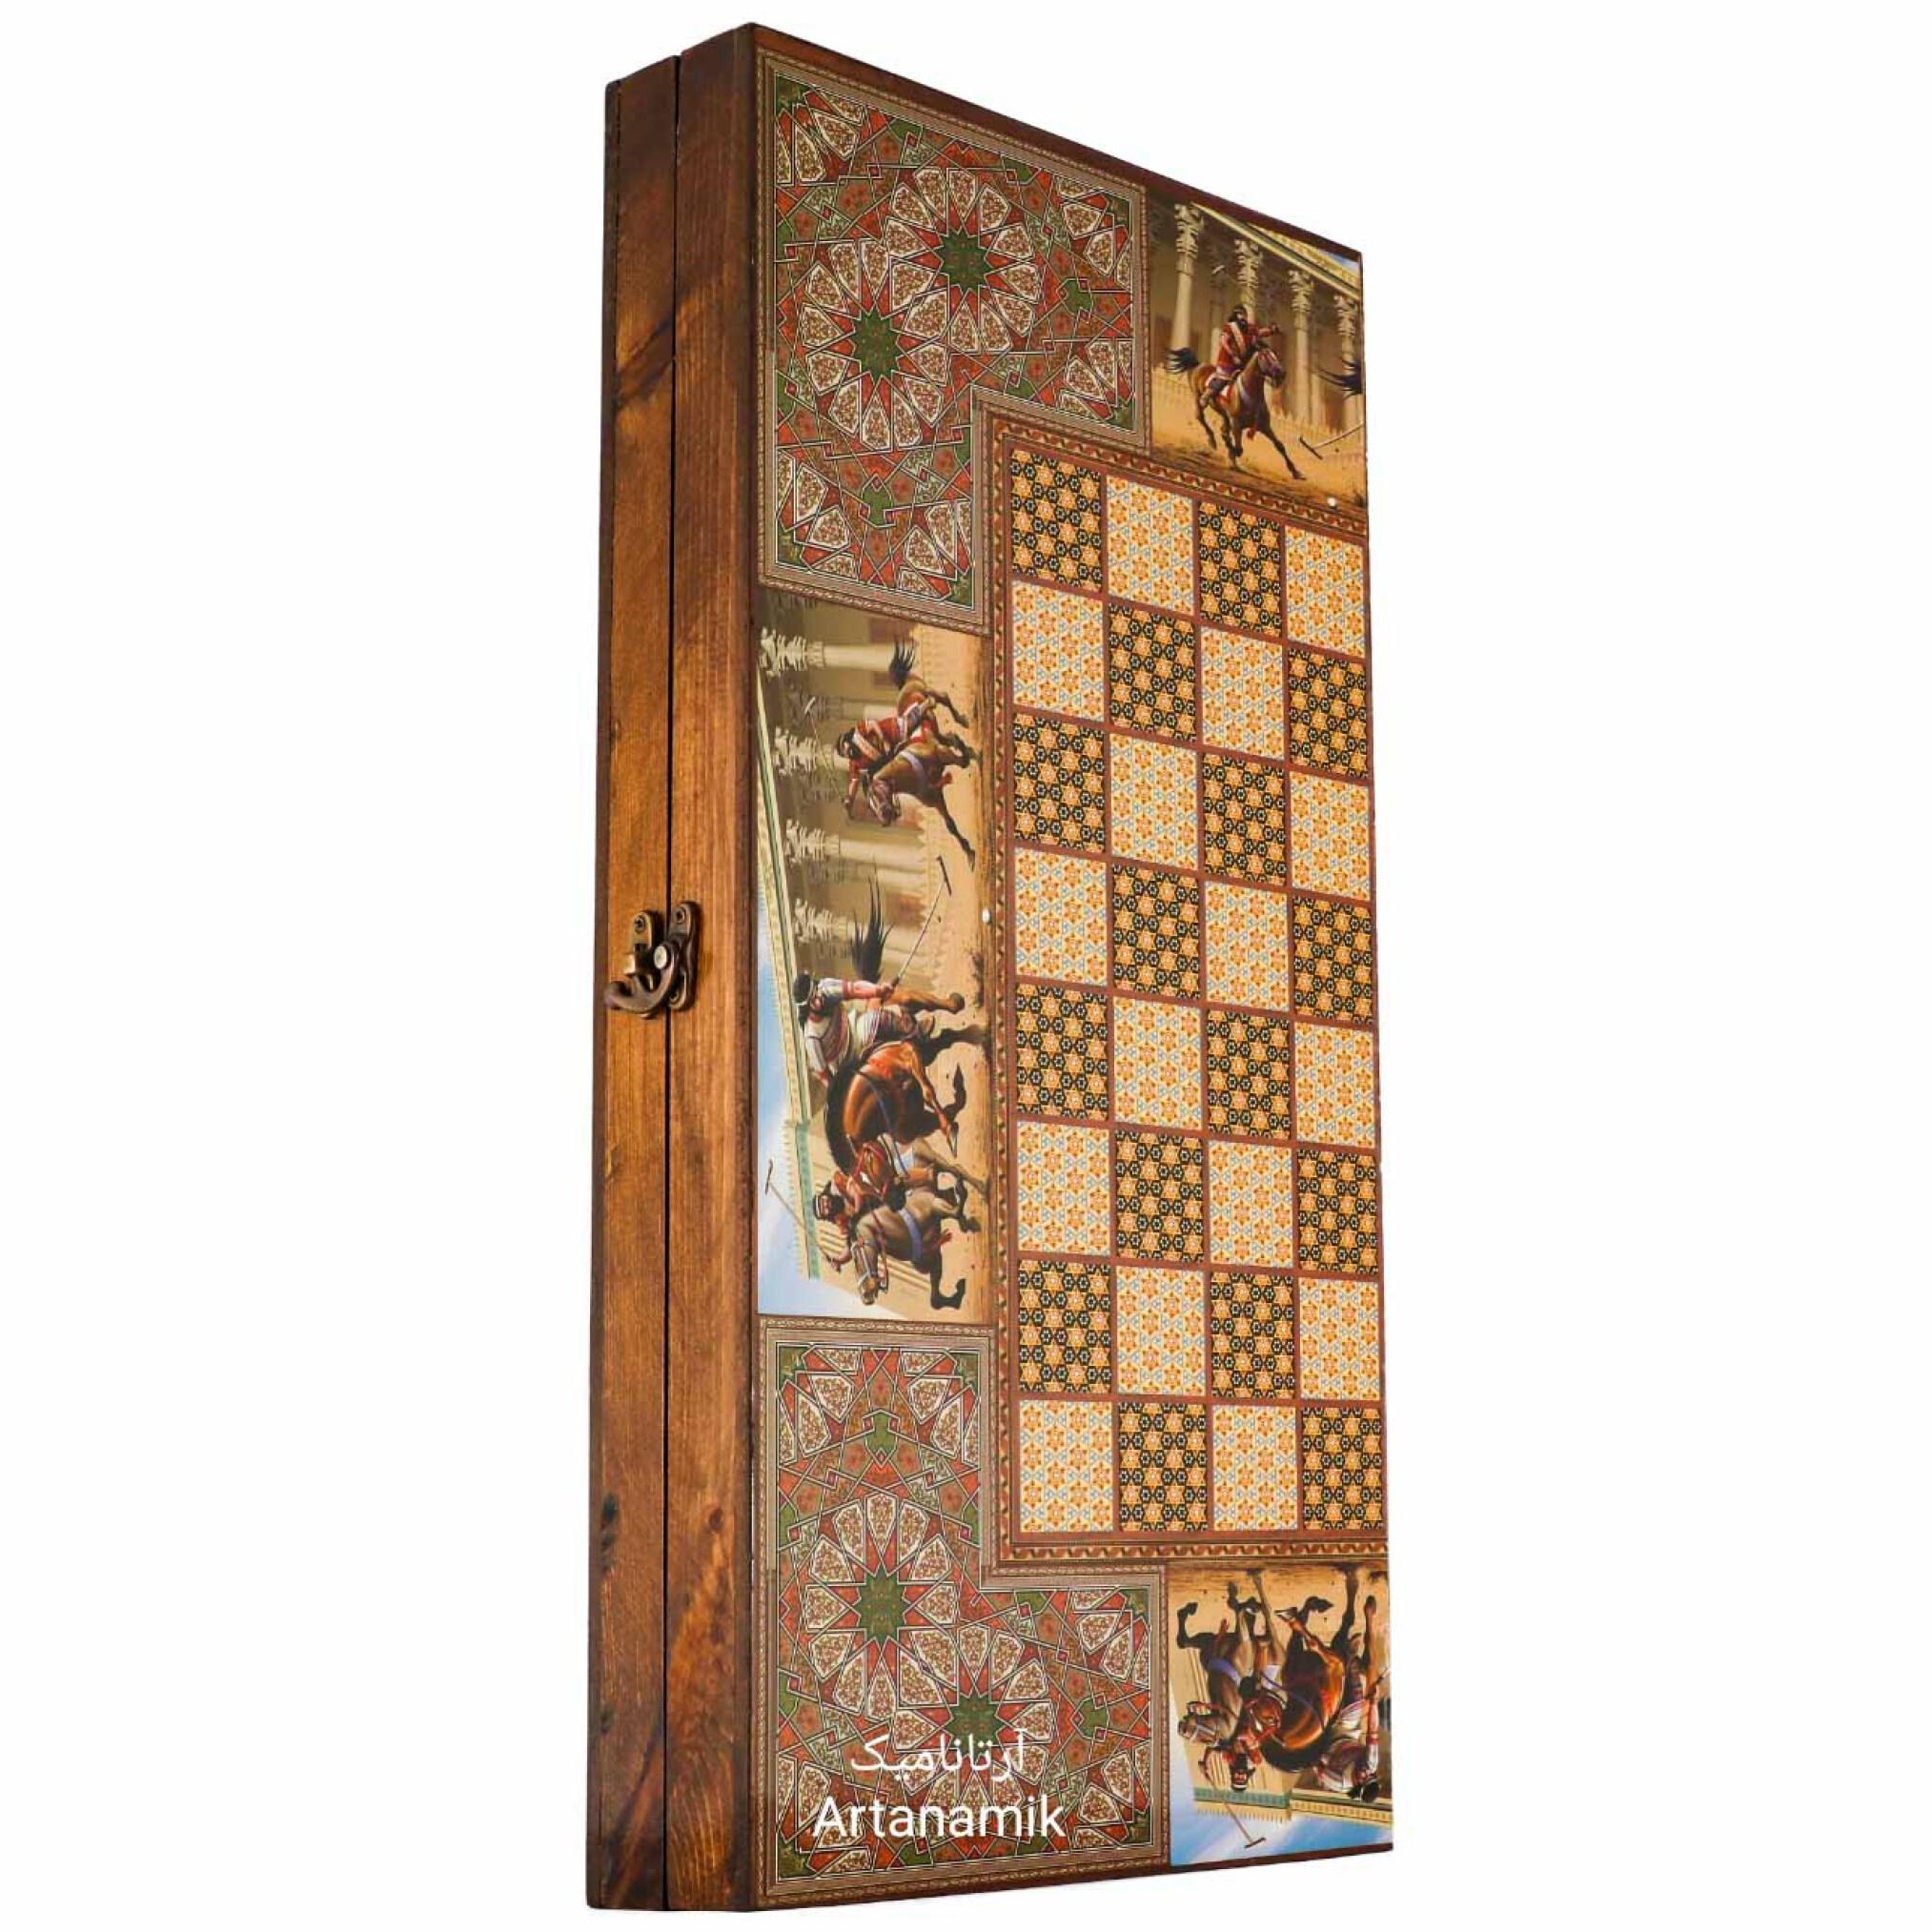 تخته نرد و شطرنج طرح خاتم چوگان هخامنشی، تخته نرد کادویی و تخته نرد نفیس از جنس چوب روس